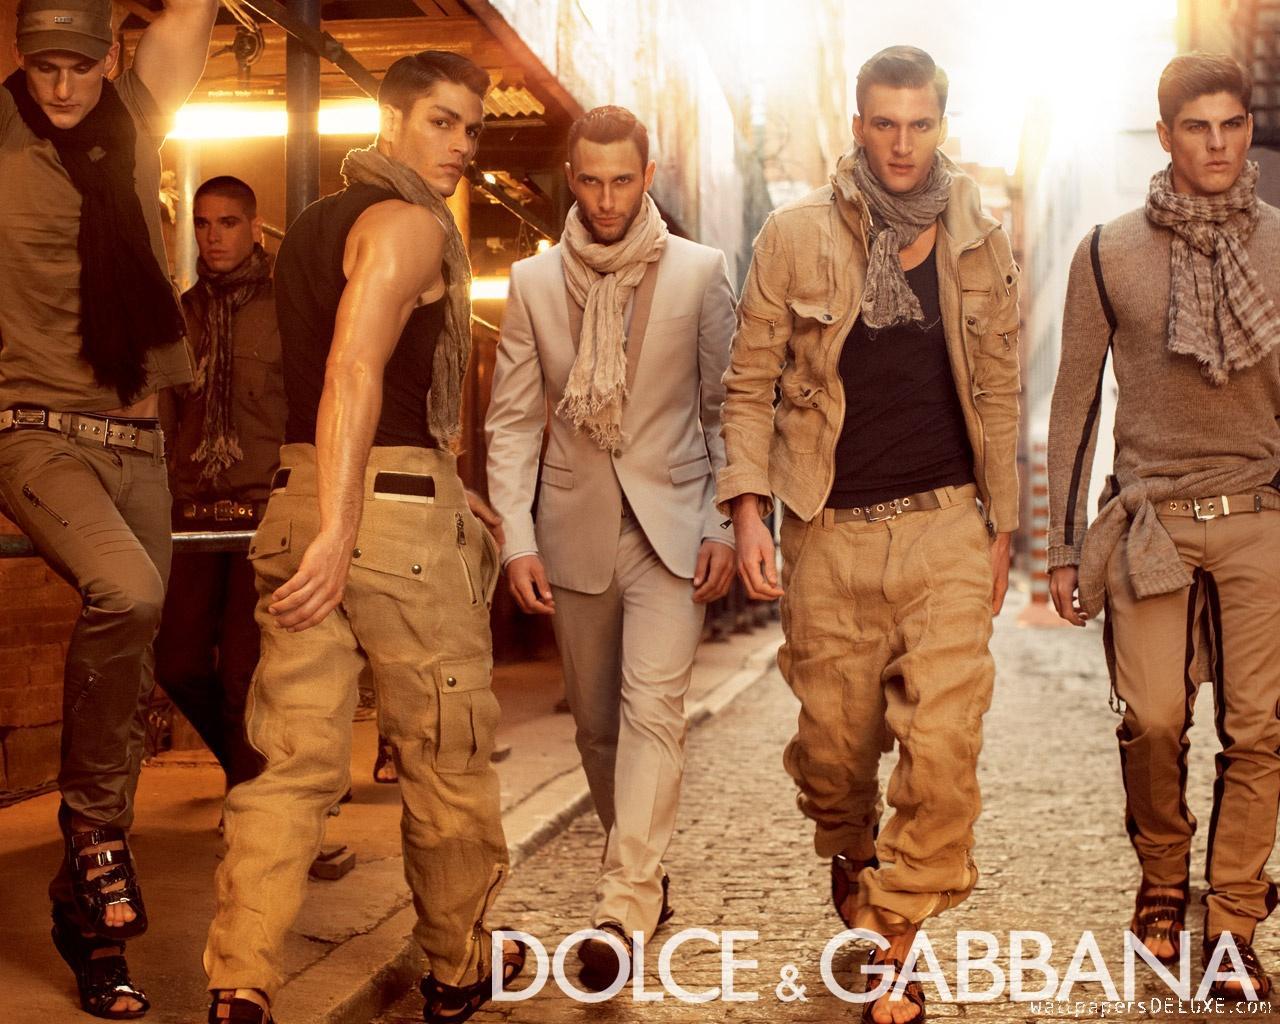 Обои Парни Dolce & Gabbana 1280x1024: hq-oboi.ru/wall/parni_dolce_gabbana_1280x1024